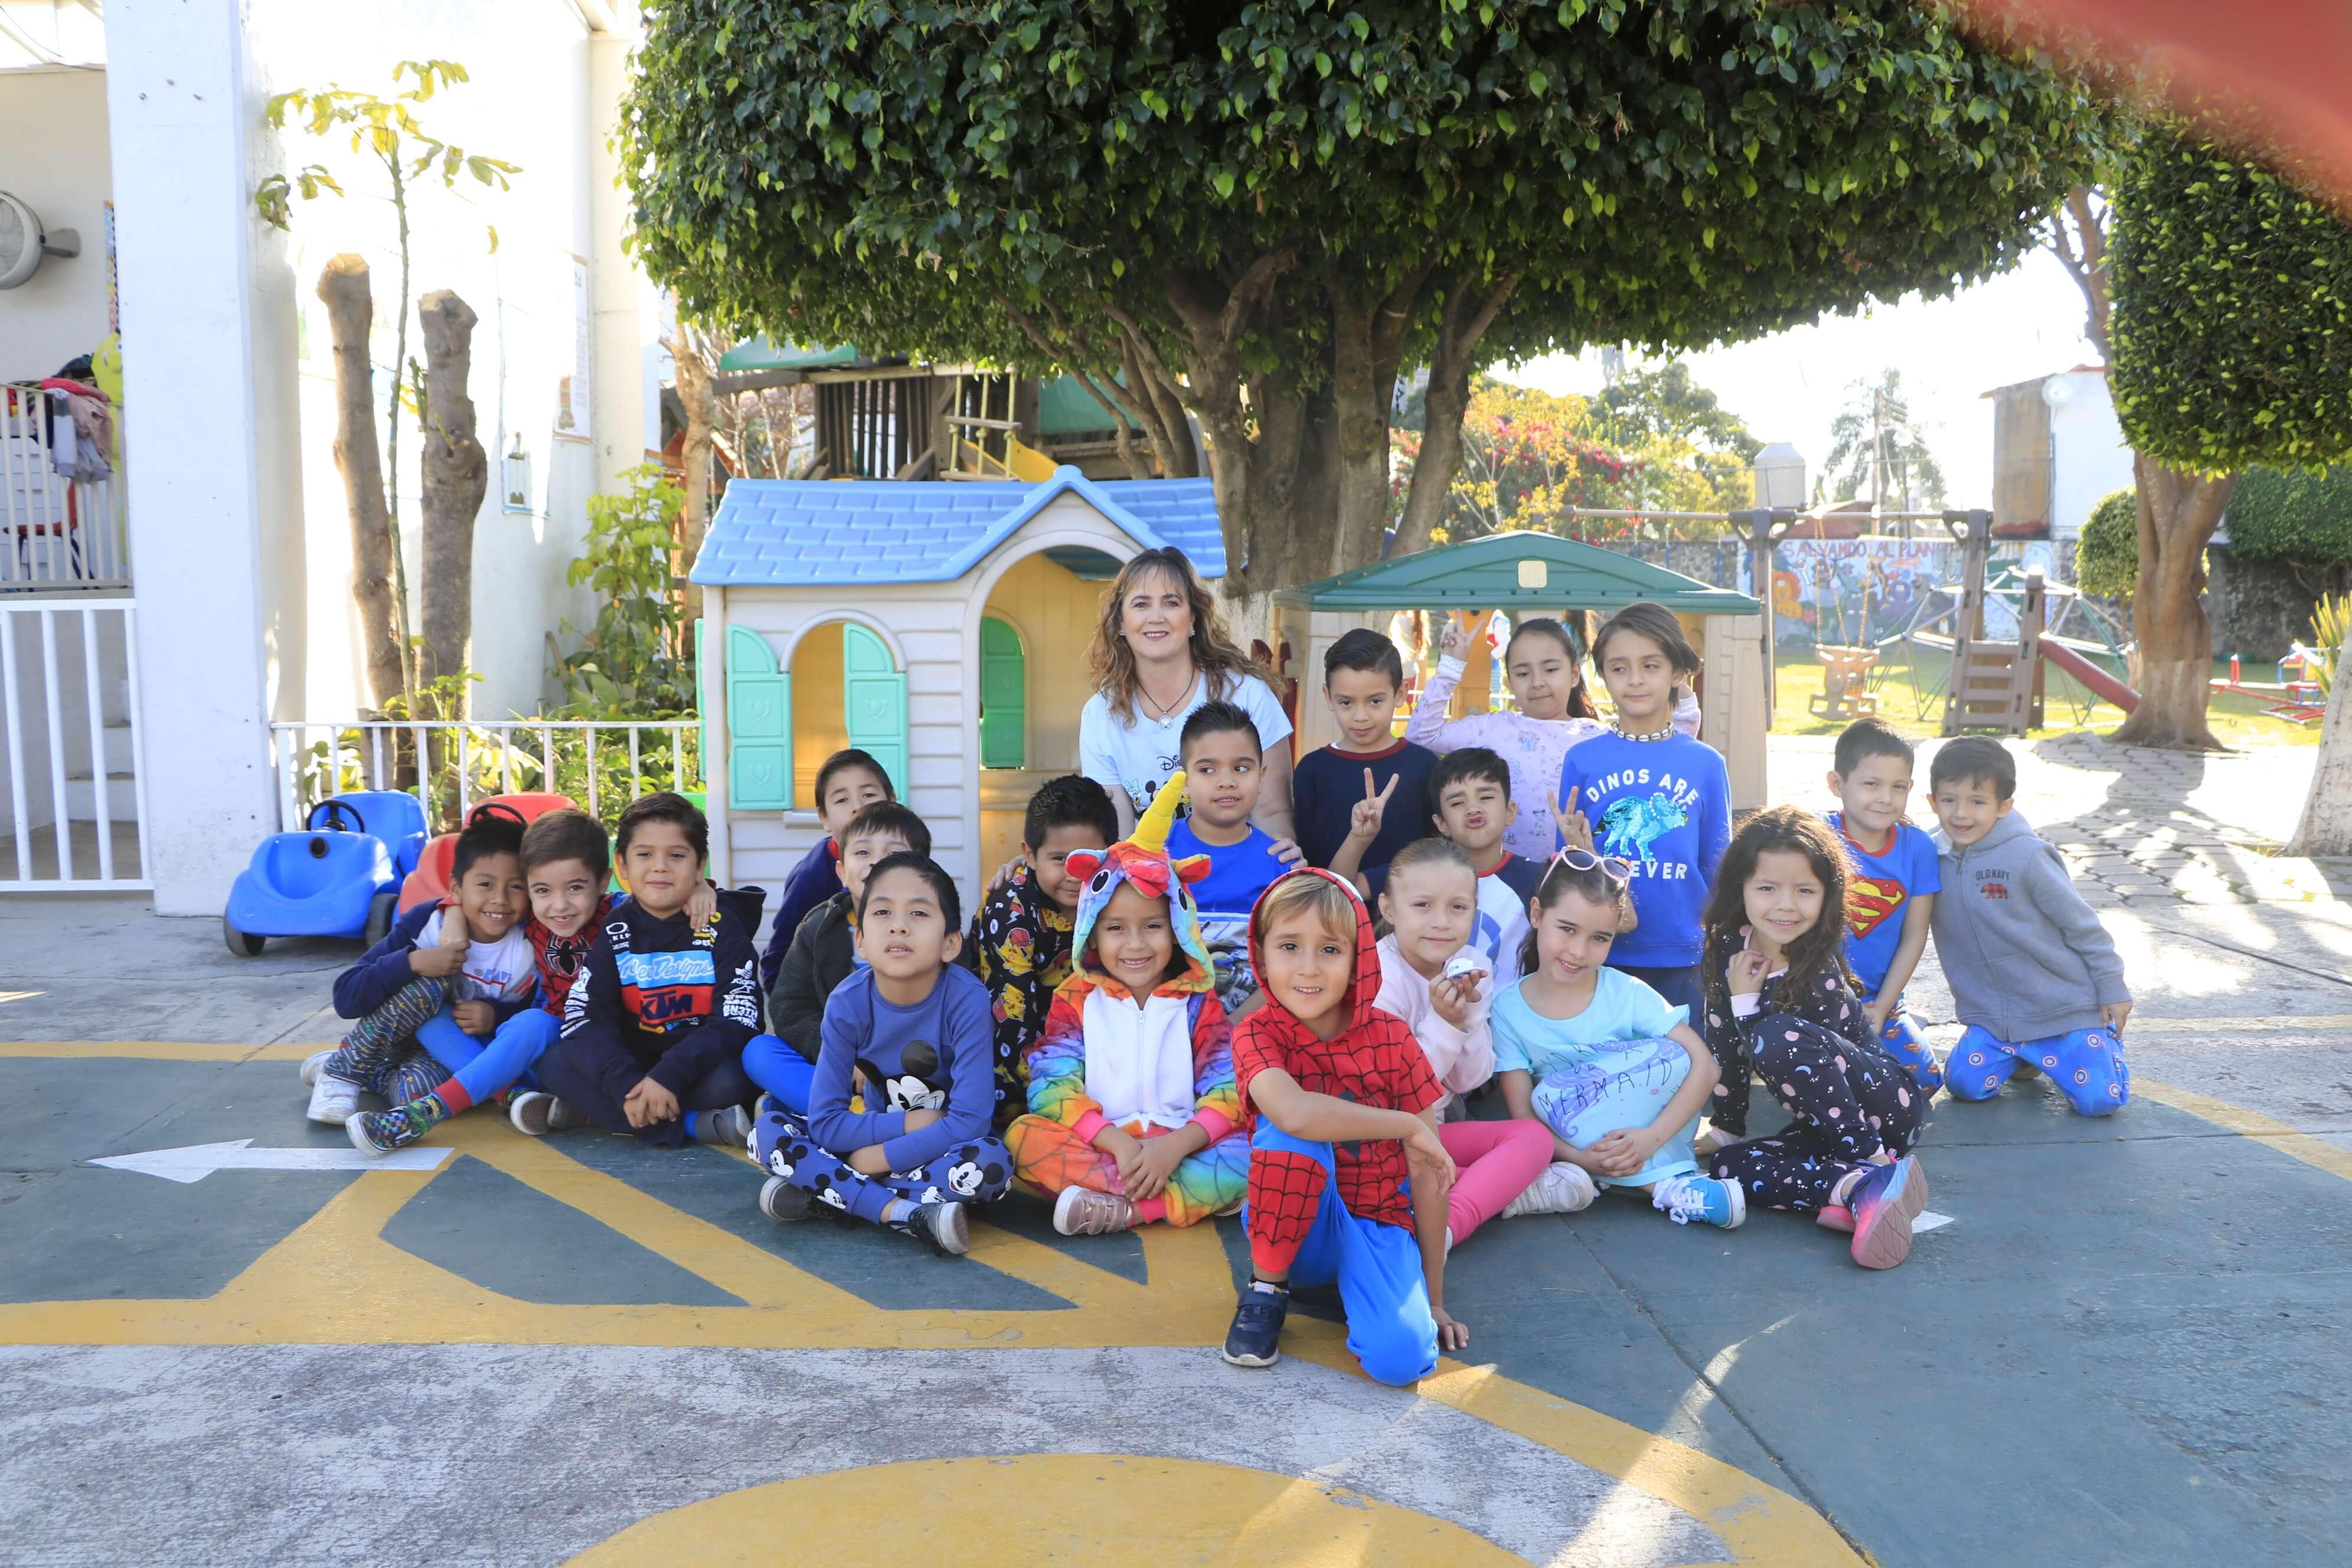 Blog-Imagen-habilidades-puede-desarrollar-hijo-desde-preescolar-relacion-positiva-otras-personas-Colegio-Williams-de-Cuernavaca-Oct